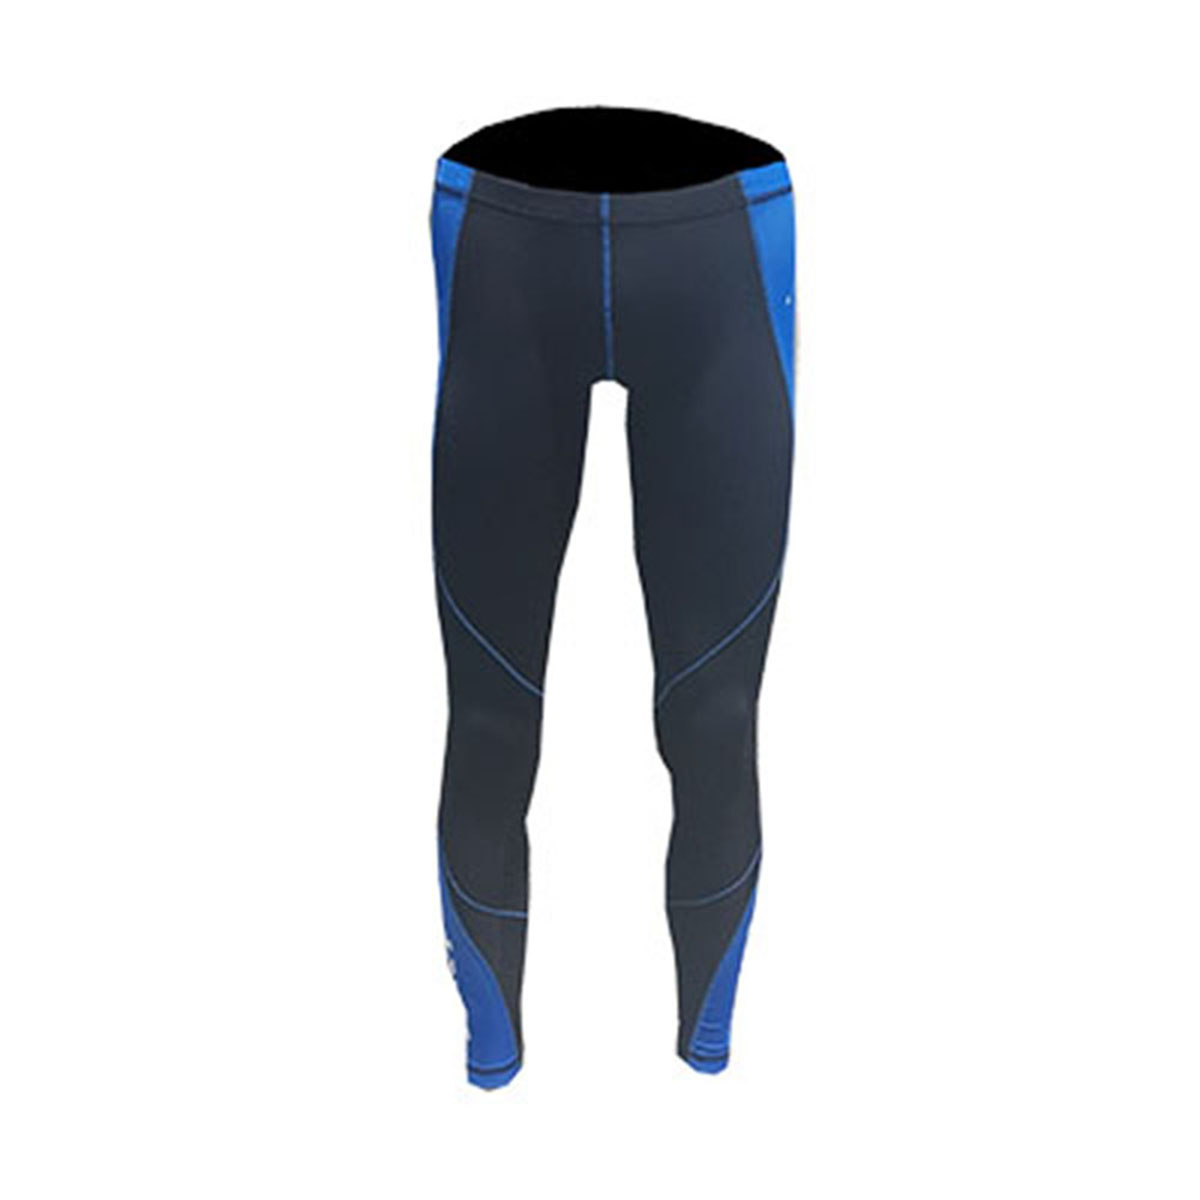 Calça Compressão Masculina Azul e Preto